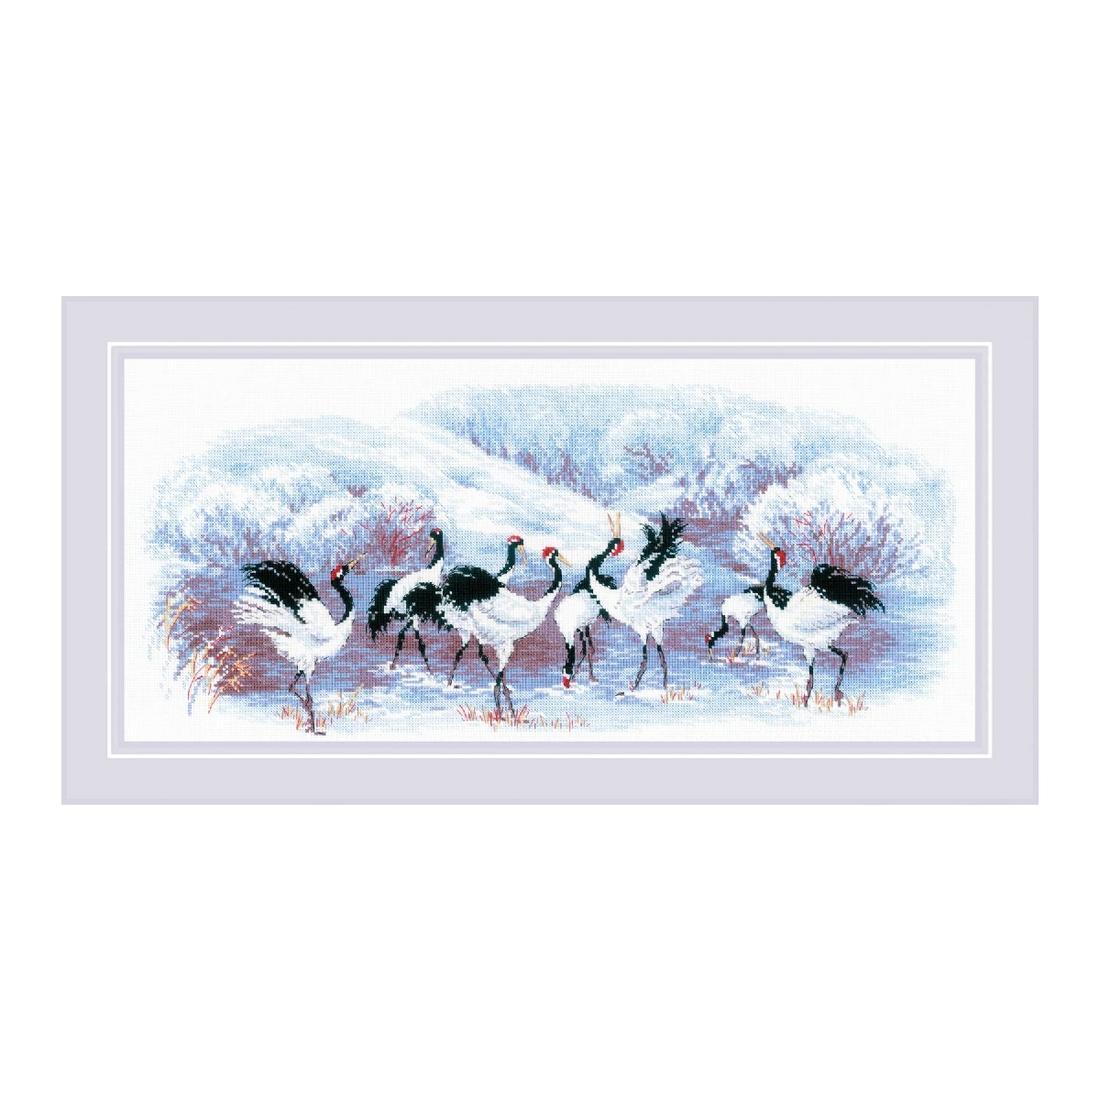 ロシアの刺しゅうメーカー 推奨 リオリス 製ししゅうキット RIOLISクロスステッチ刺繍キット No.1806 Japanese 納期30~60日程度 Cranes 日本の鶴 海外取り寄せ 18%OFF